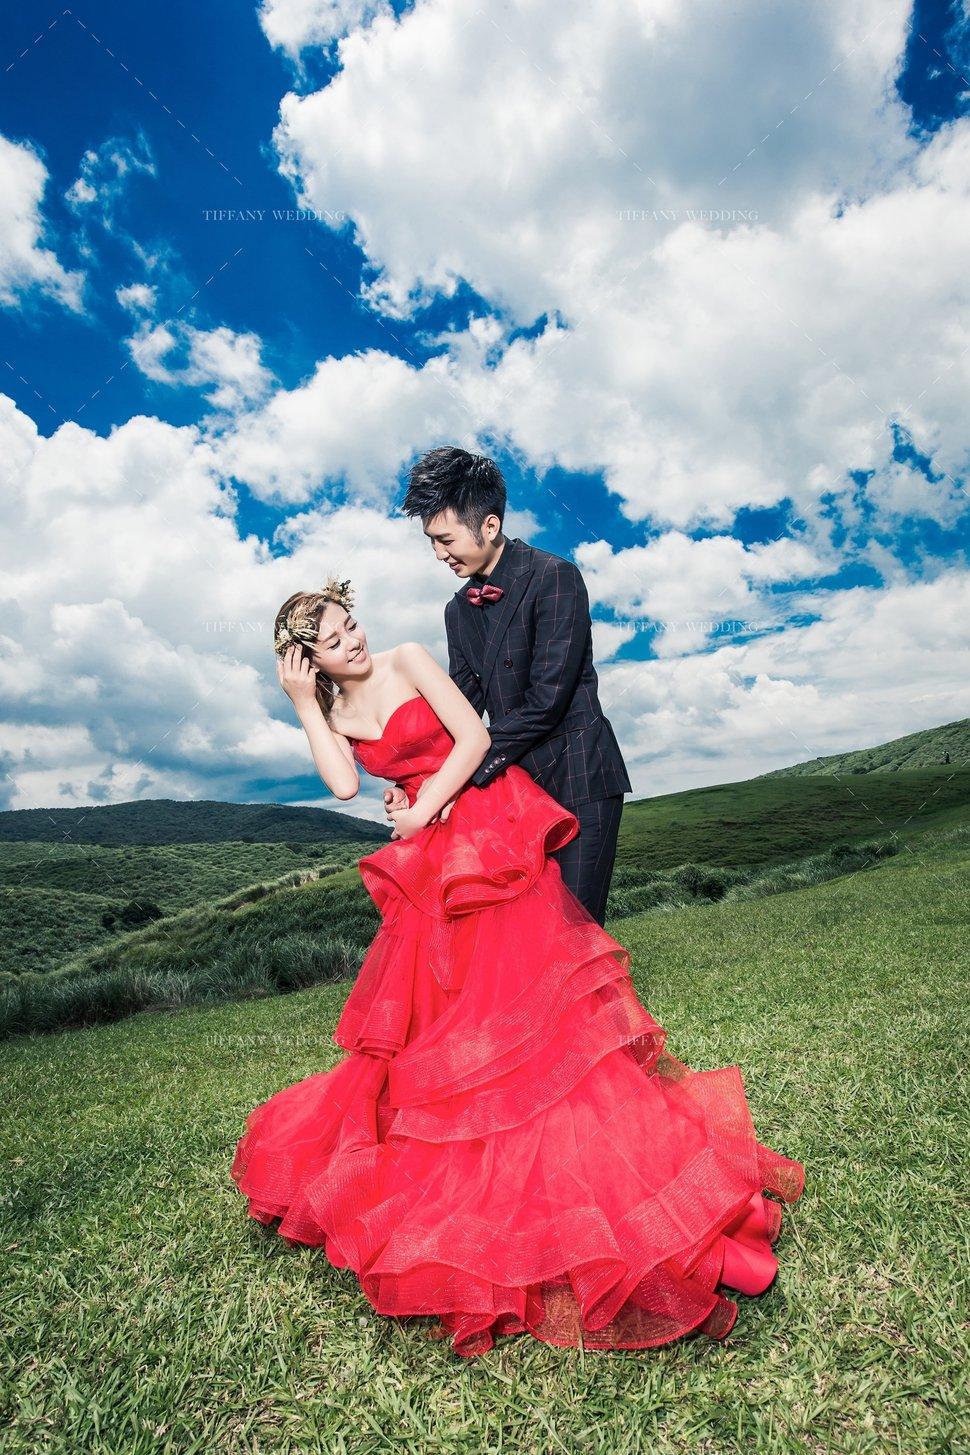 婚紗攝影作品/繡球花/帝芬妮婚紗/客照分享 - 台中帝芬妮精品婚紗 - 結婚吧